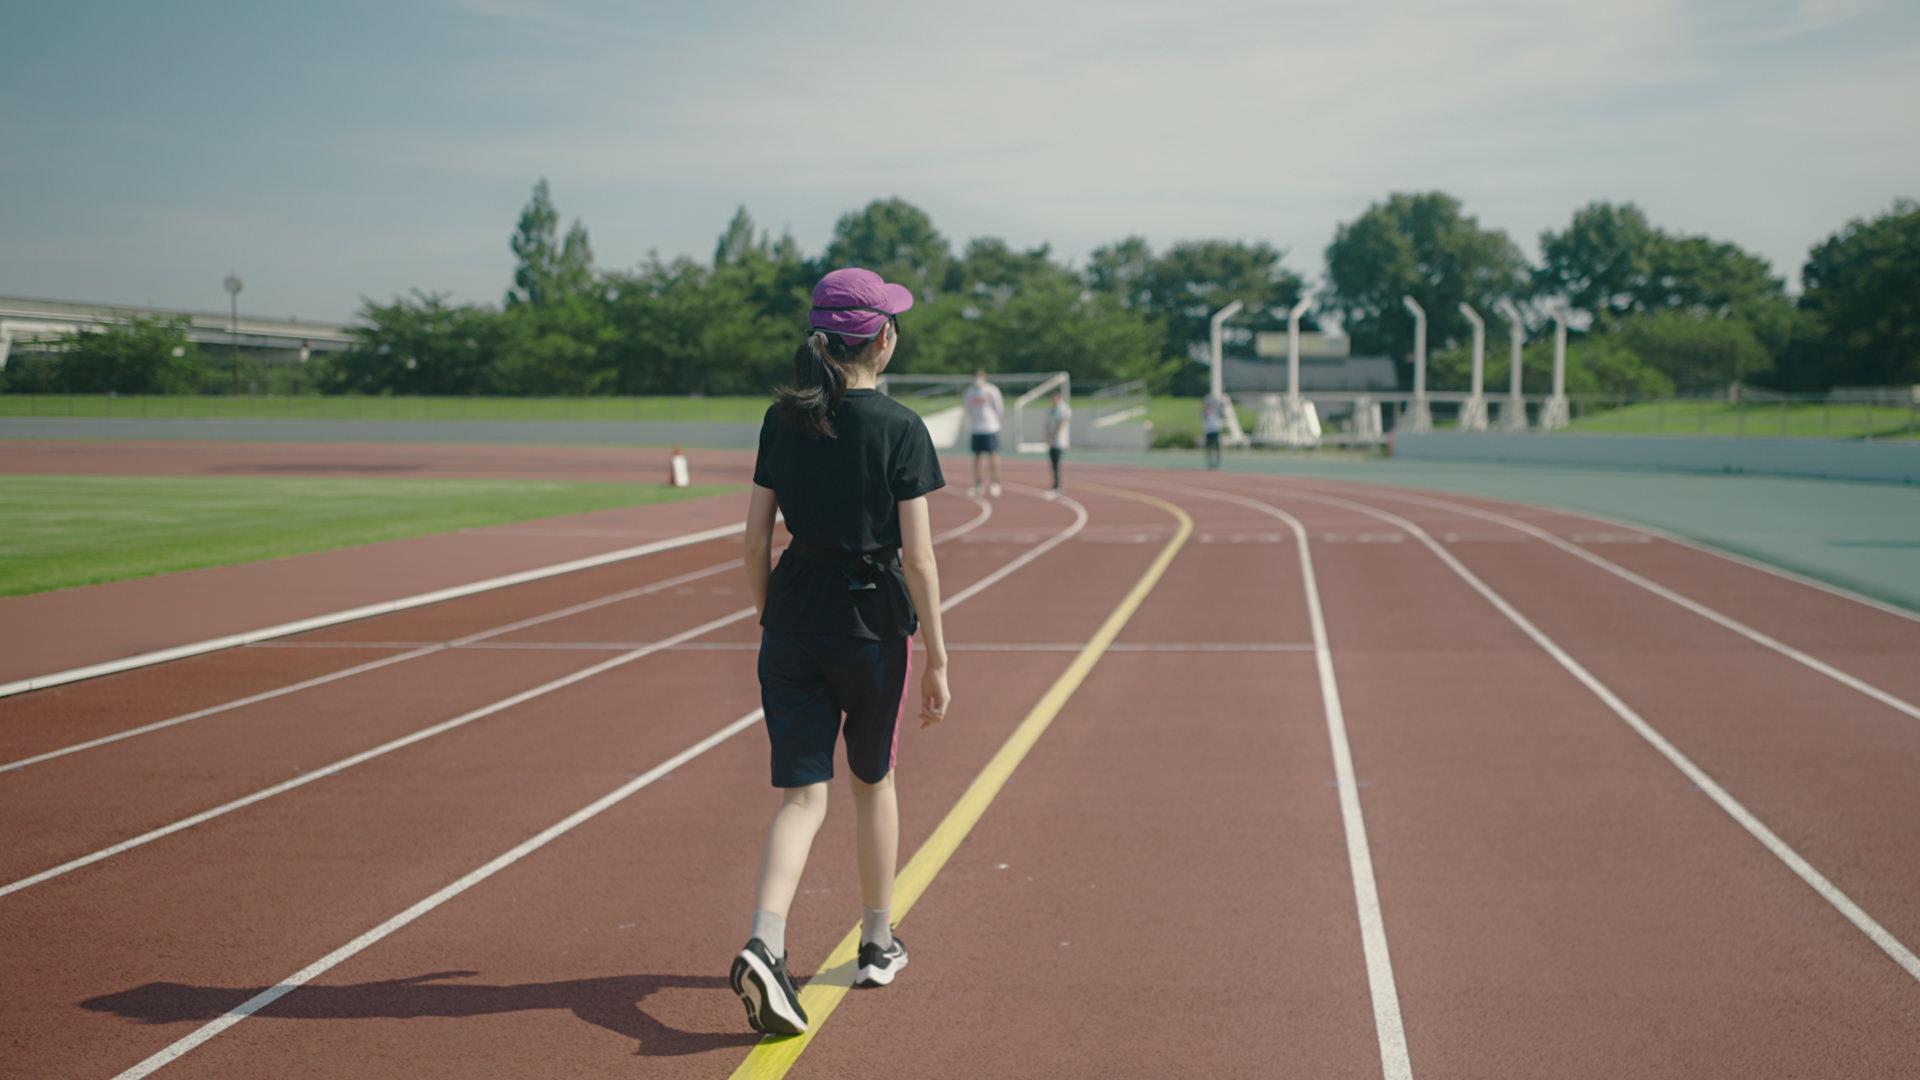 写真:アプリの挙動を確認しながらコース上を歩く高校生の女性のテスト走者。